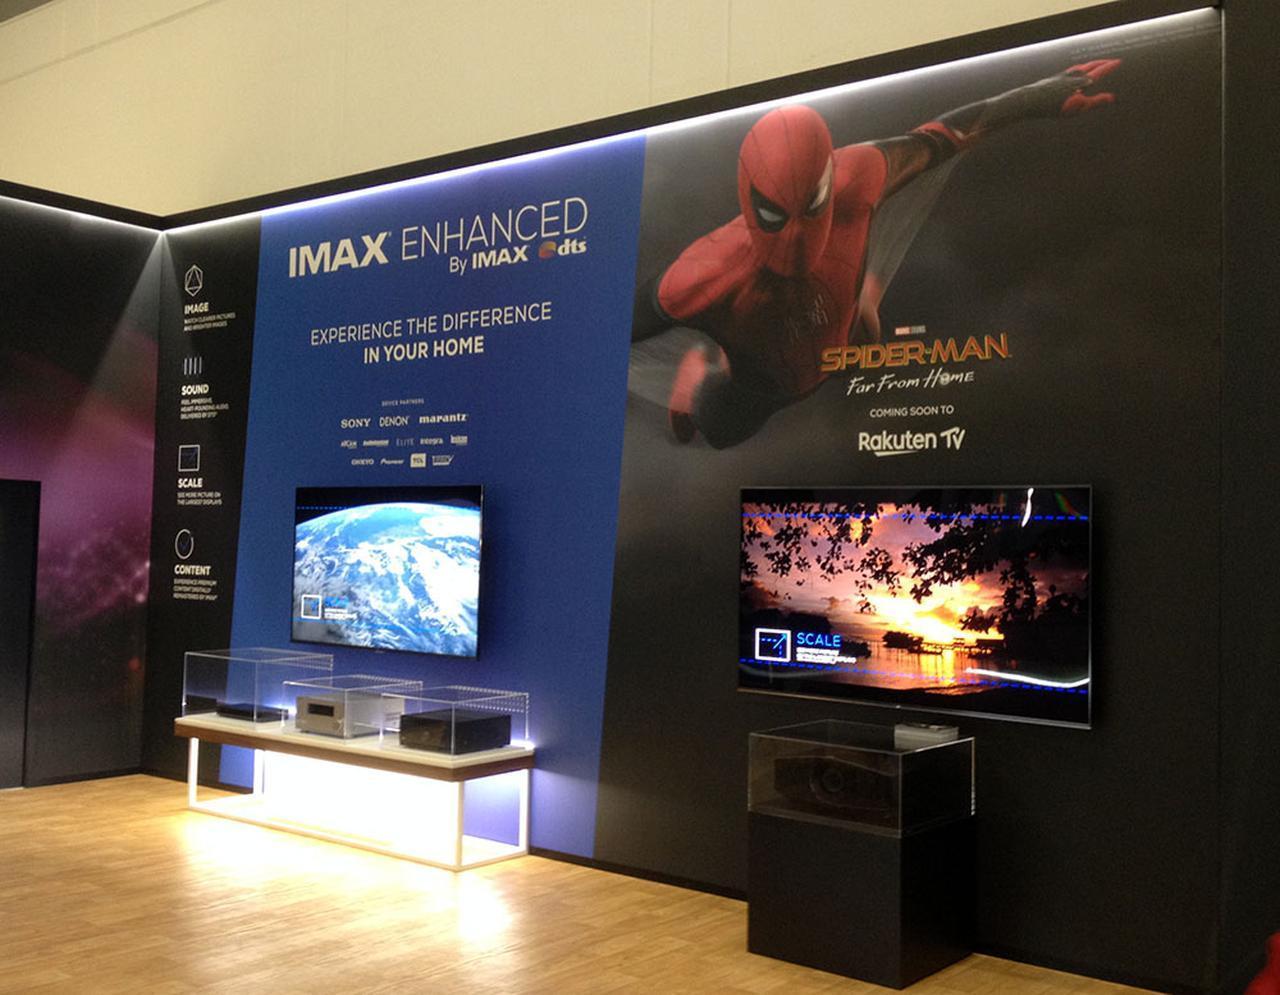 画像: ホームエンタテインメント向けの新しいライセンス・認証プログラム「IMAX Enhanced」のデモを発見。既にオンキヨーAVセンターに実装されていた【御法川裕三のIFA2019散策 その13】